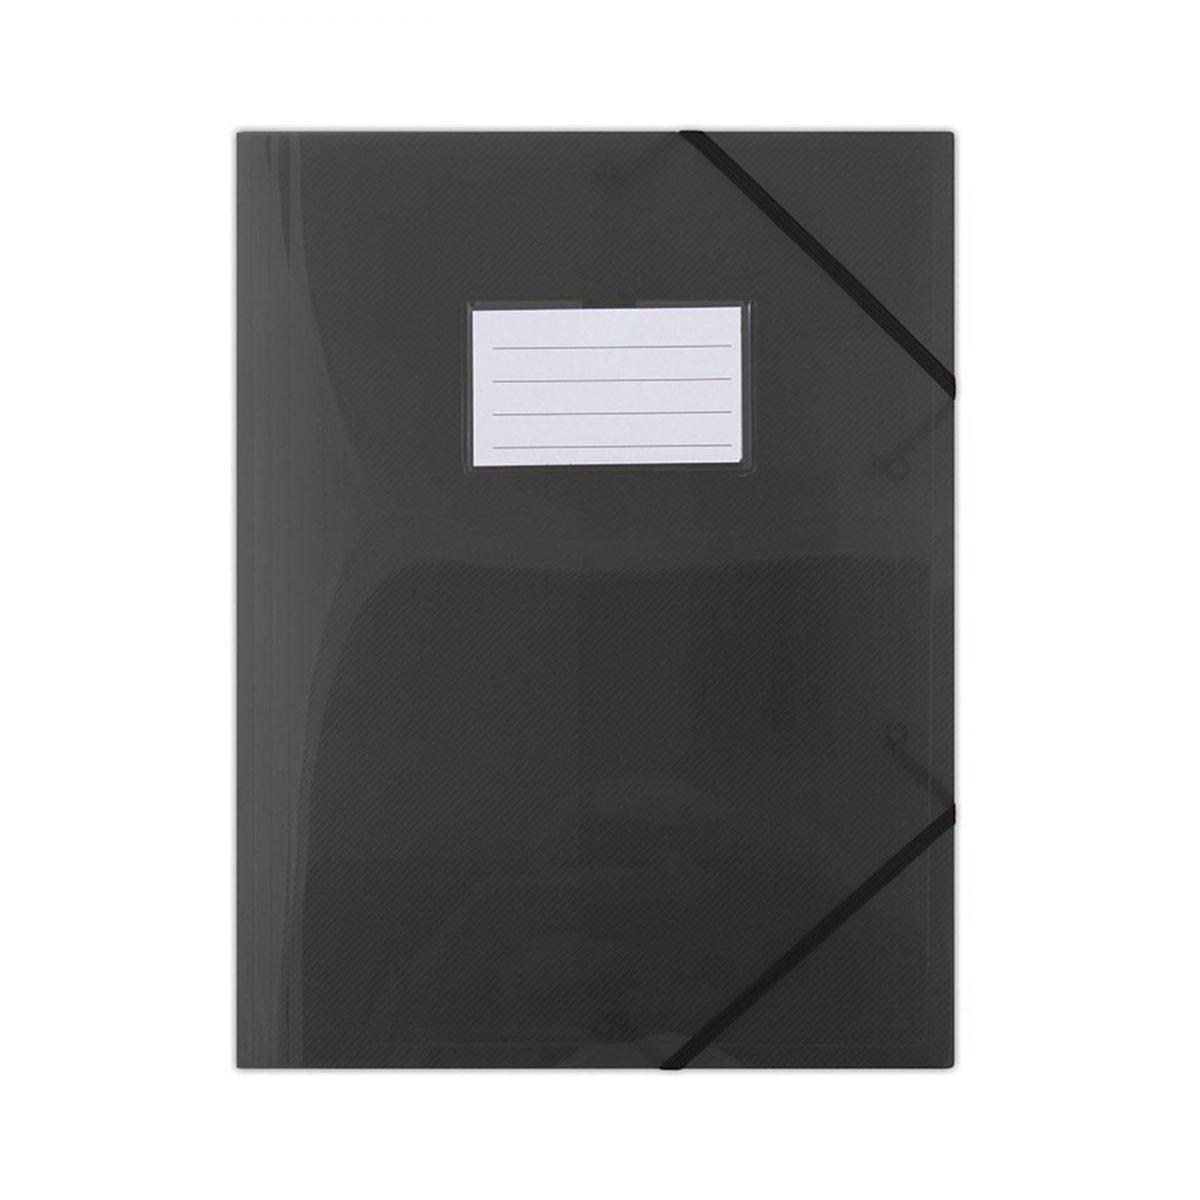 Mapa plastic cu elastic pe colturi, cu eticheta, 480 microni, DONAU - negru transparent